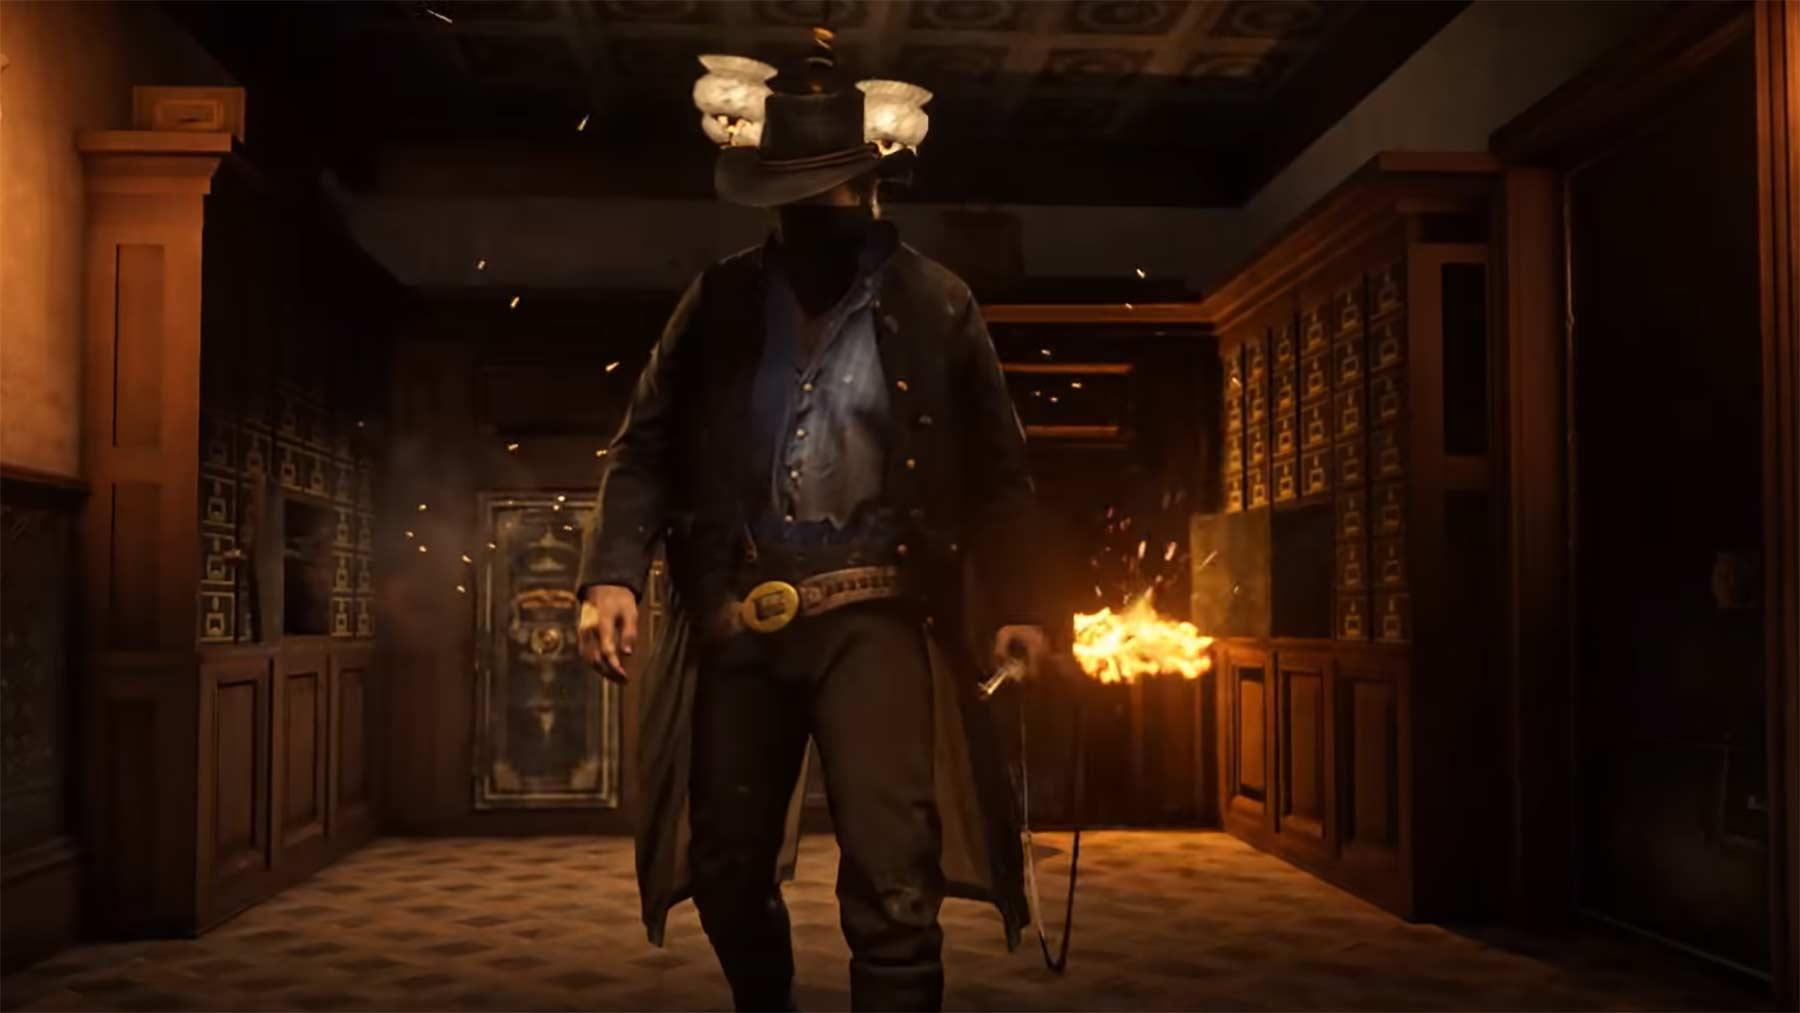 Neuer Trailer zu Red Dead Redemption 2 red-dead-redemption-2-trailer-2